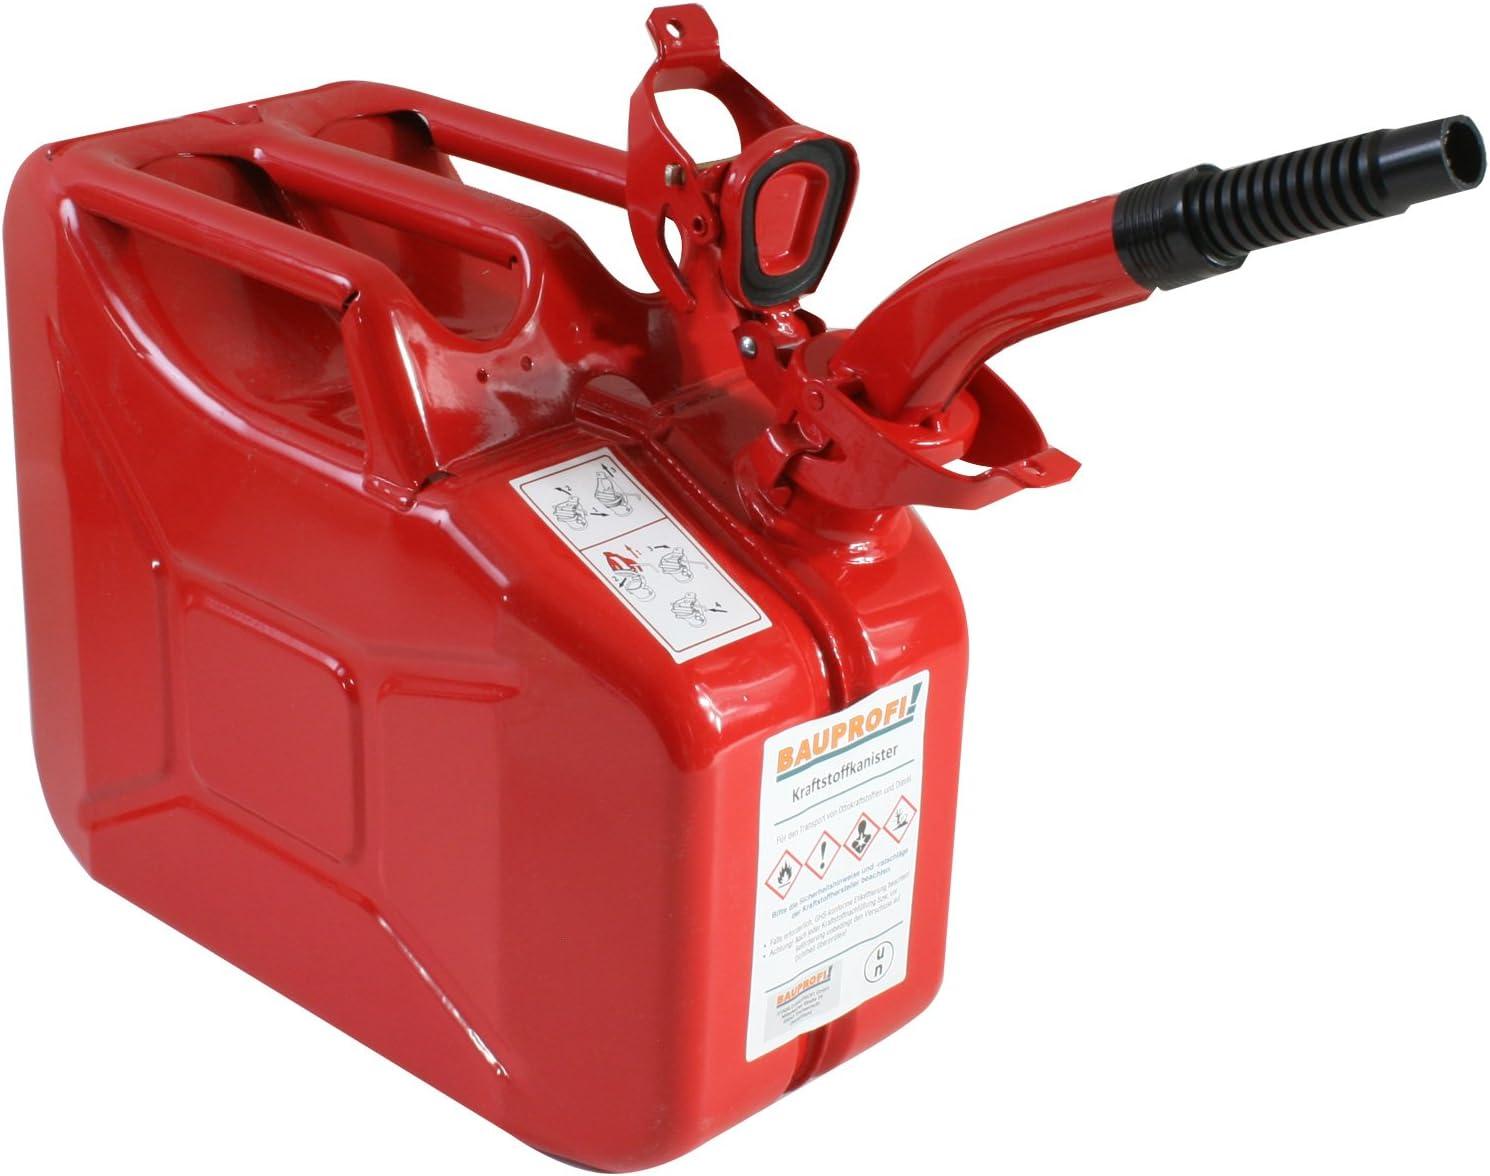 Stahlblechkanister Rot 10 Liter Auslaufrohr Flexibel Benzinkanister Kanister Auto